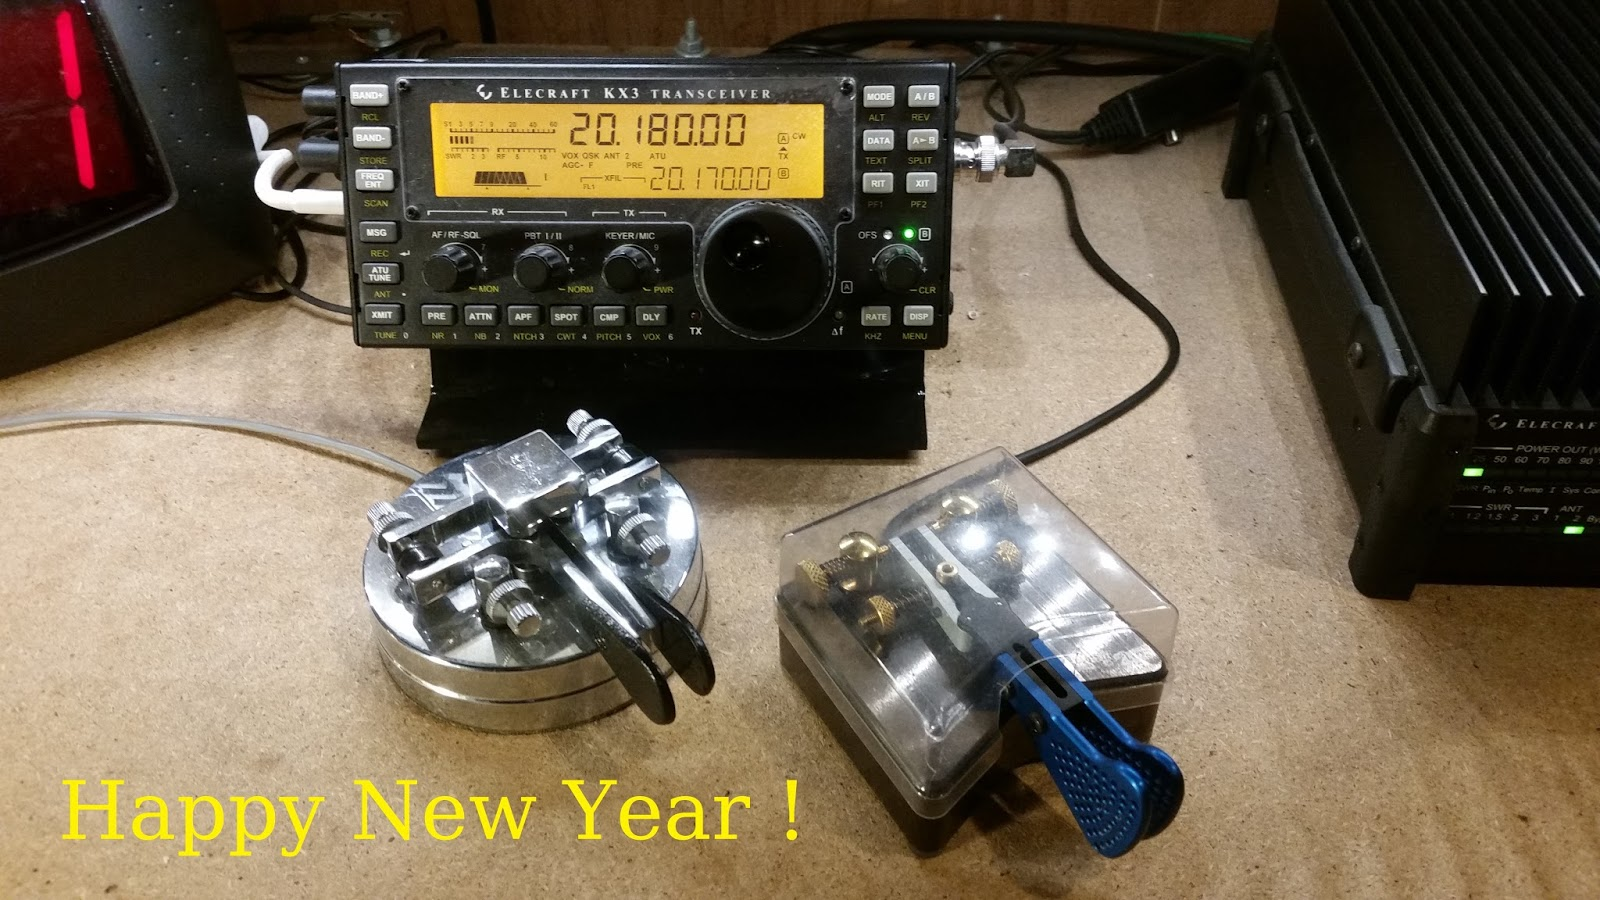 Godt nytår - 2018radiocom-6938